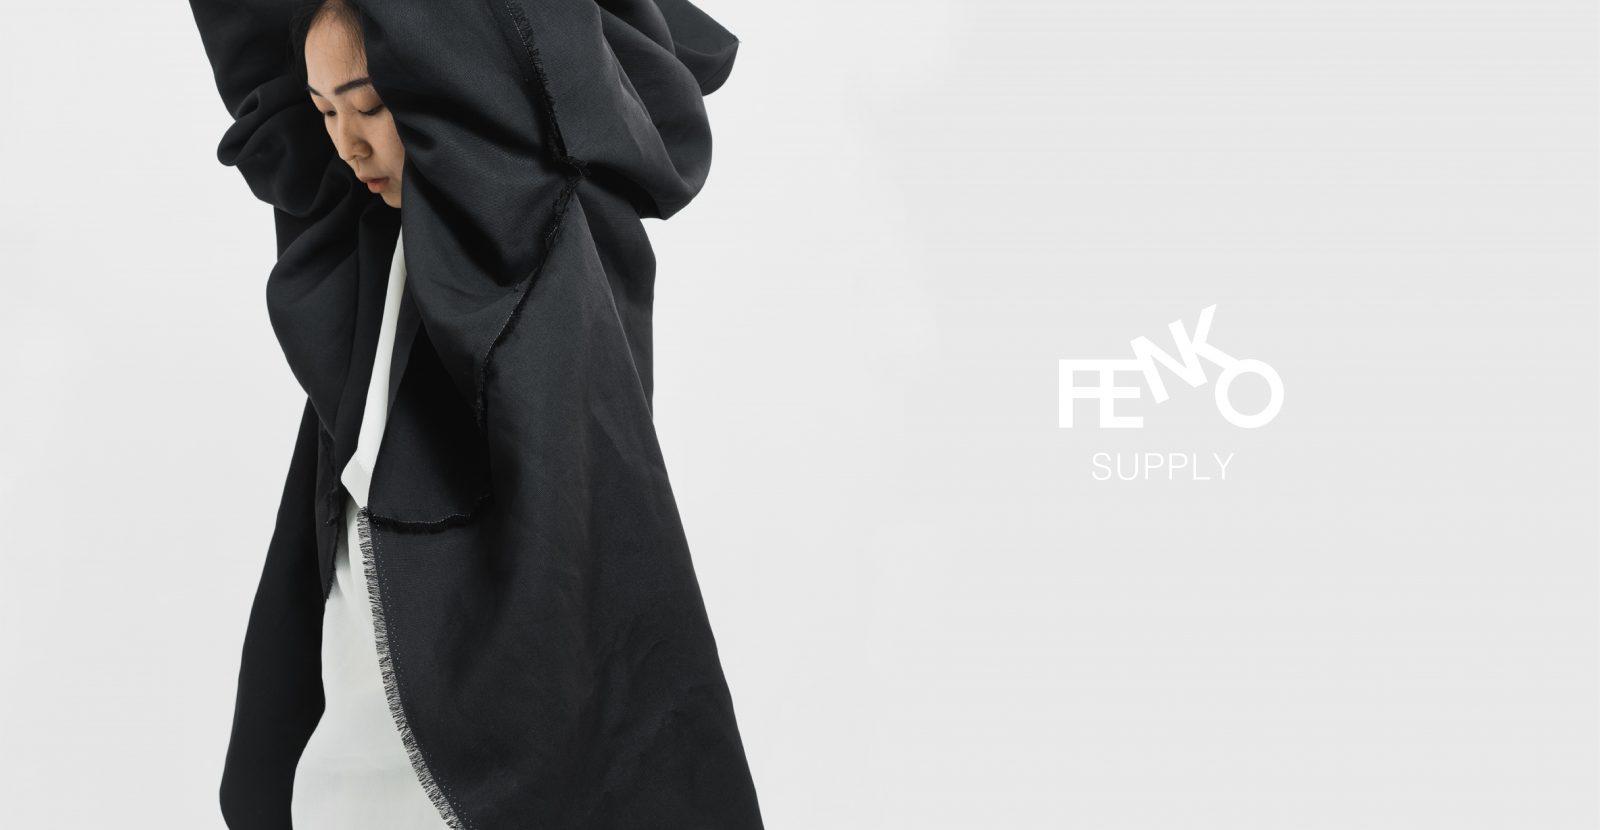 FENKO SUPPLY 募資01